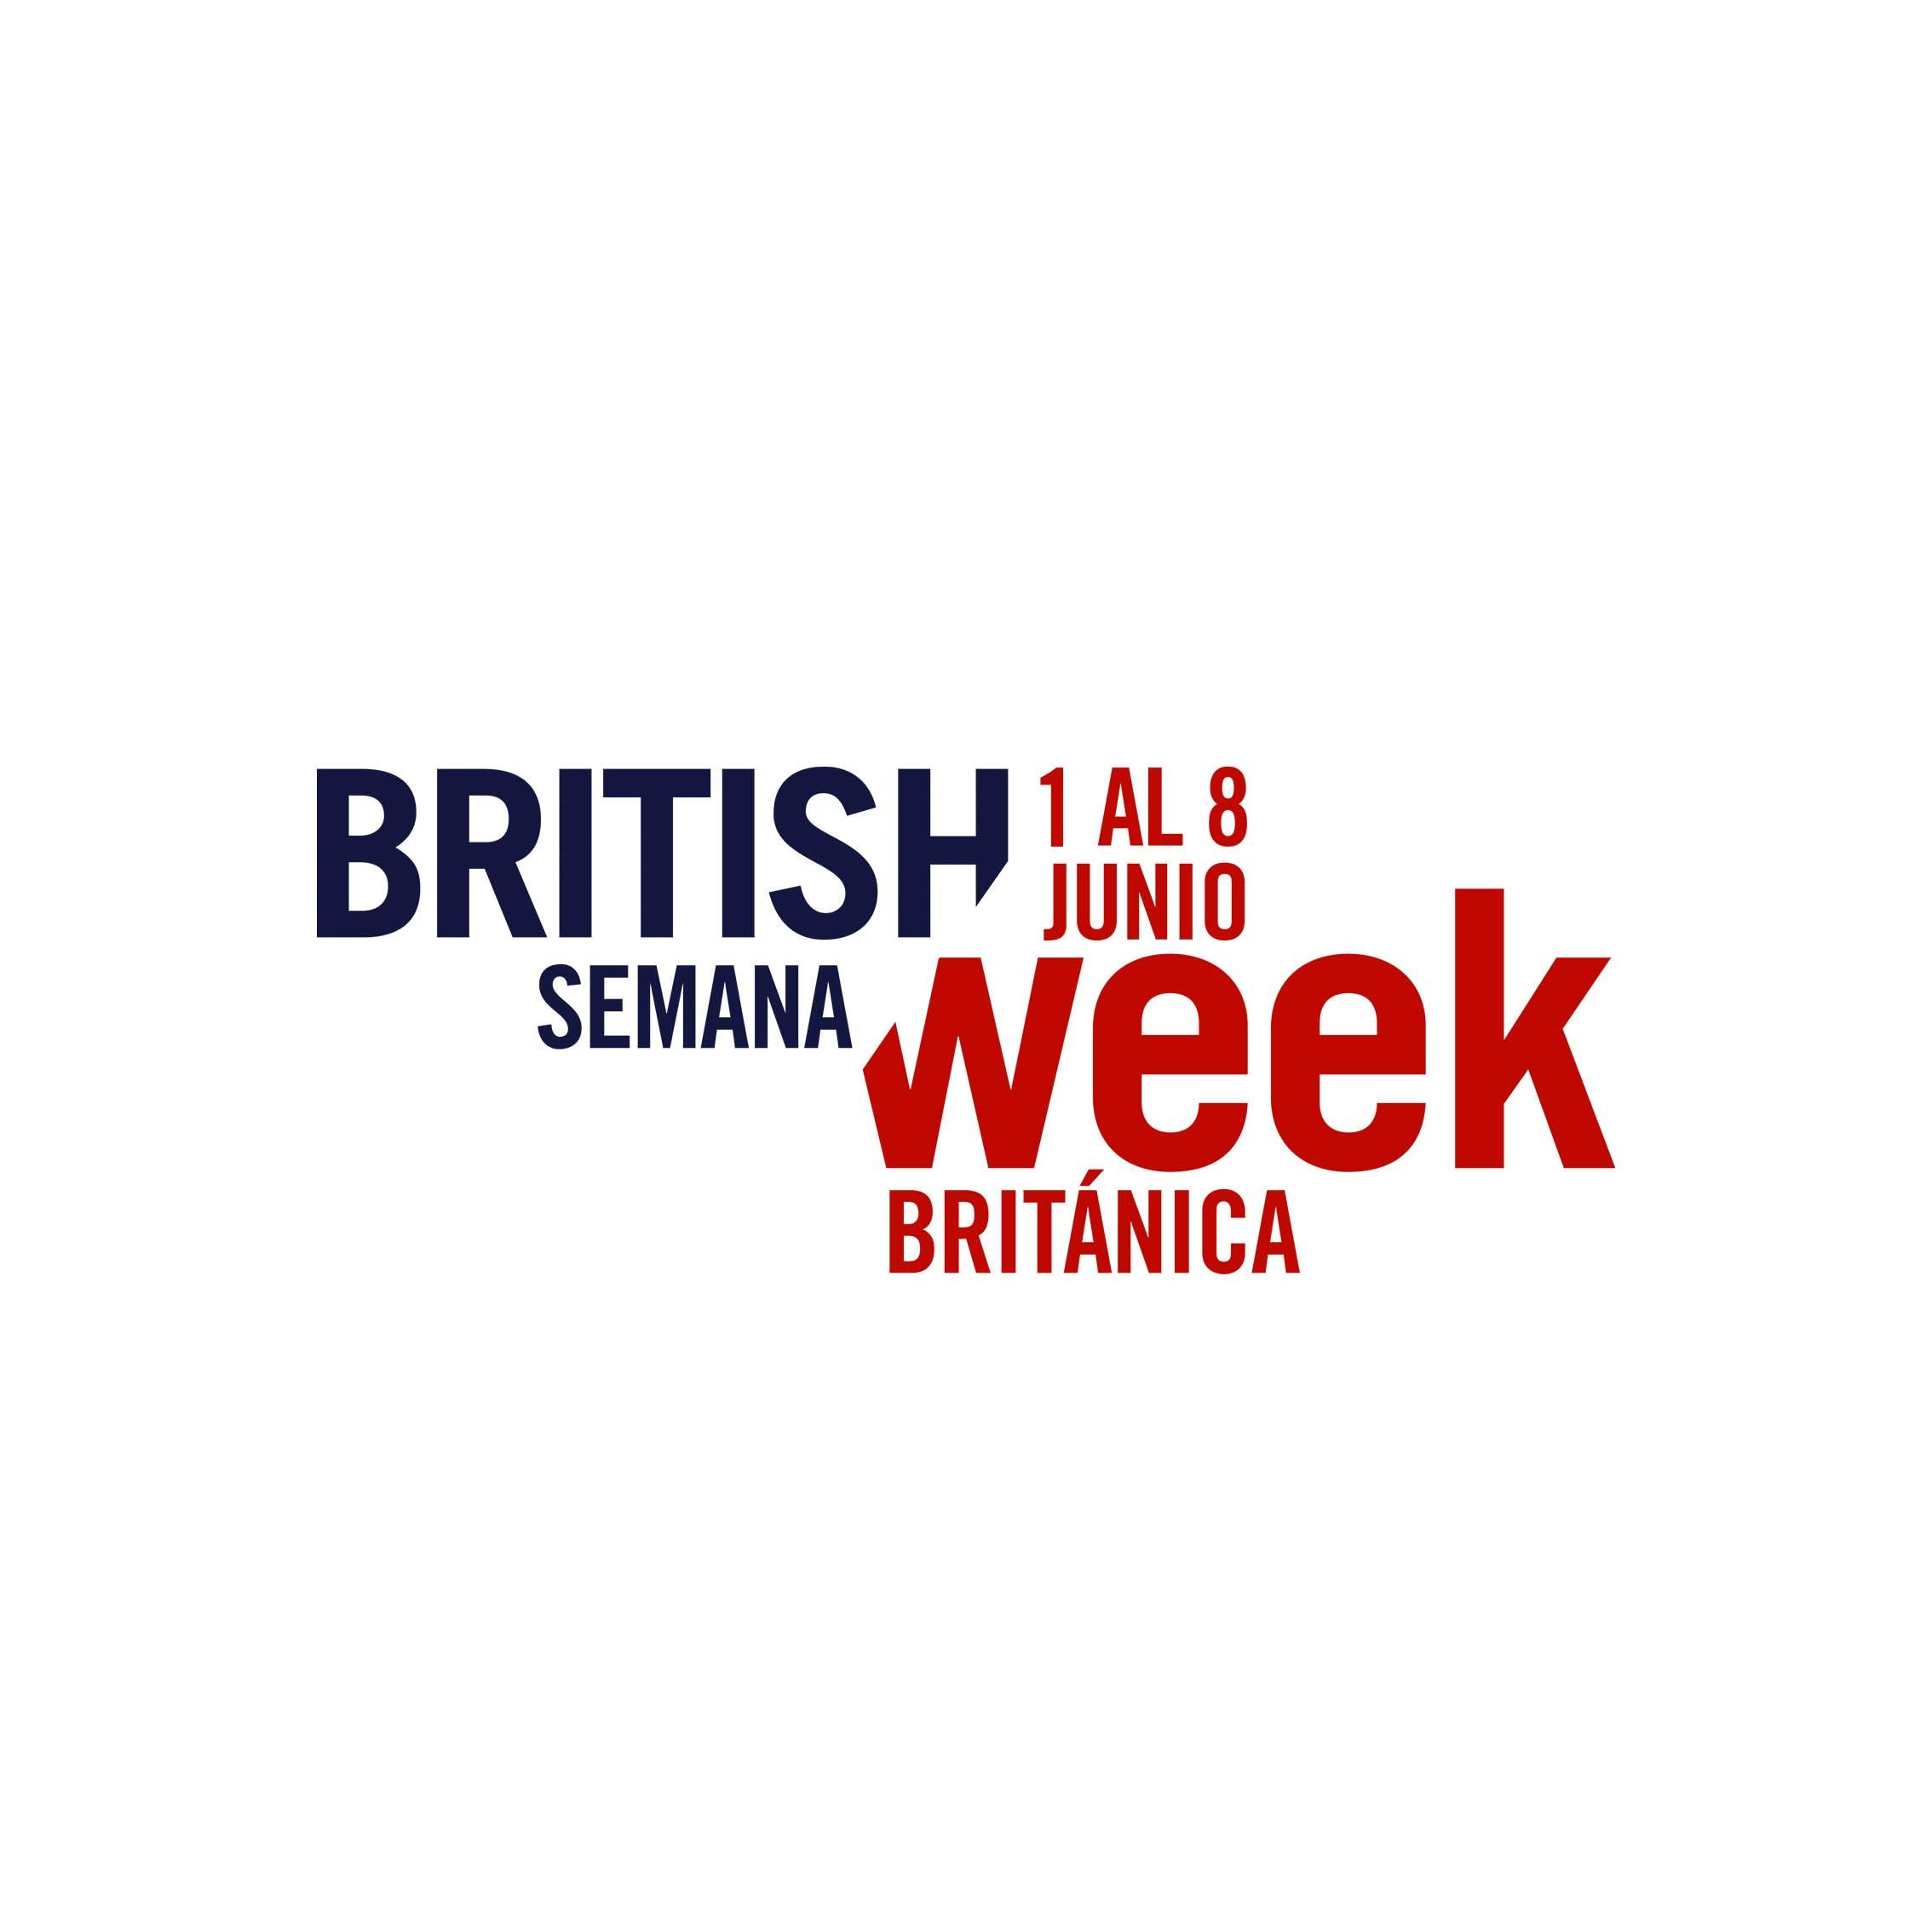 British week